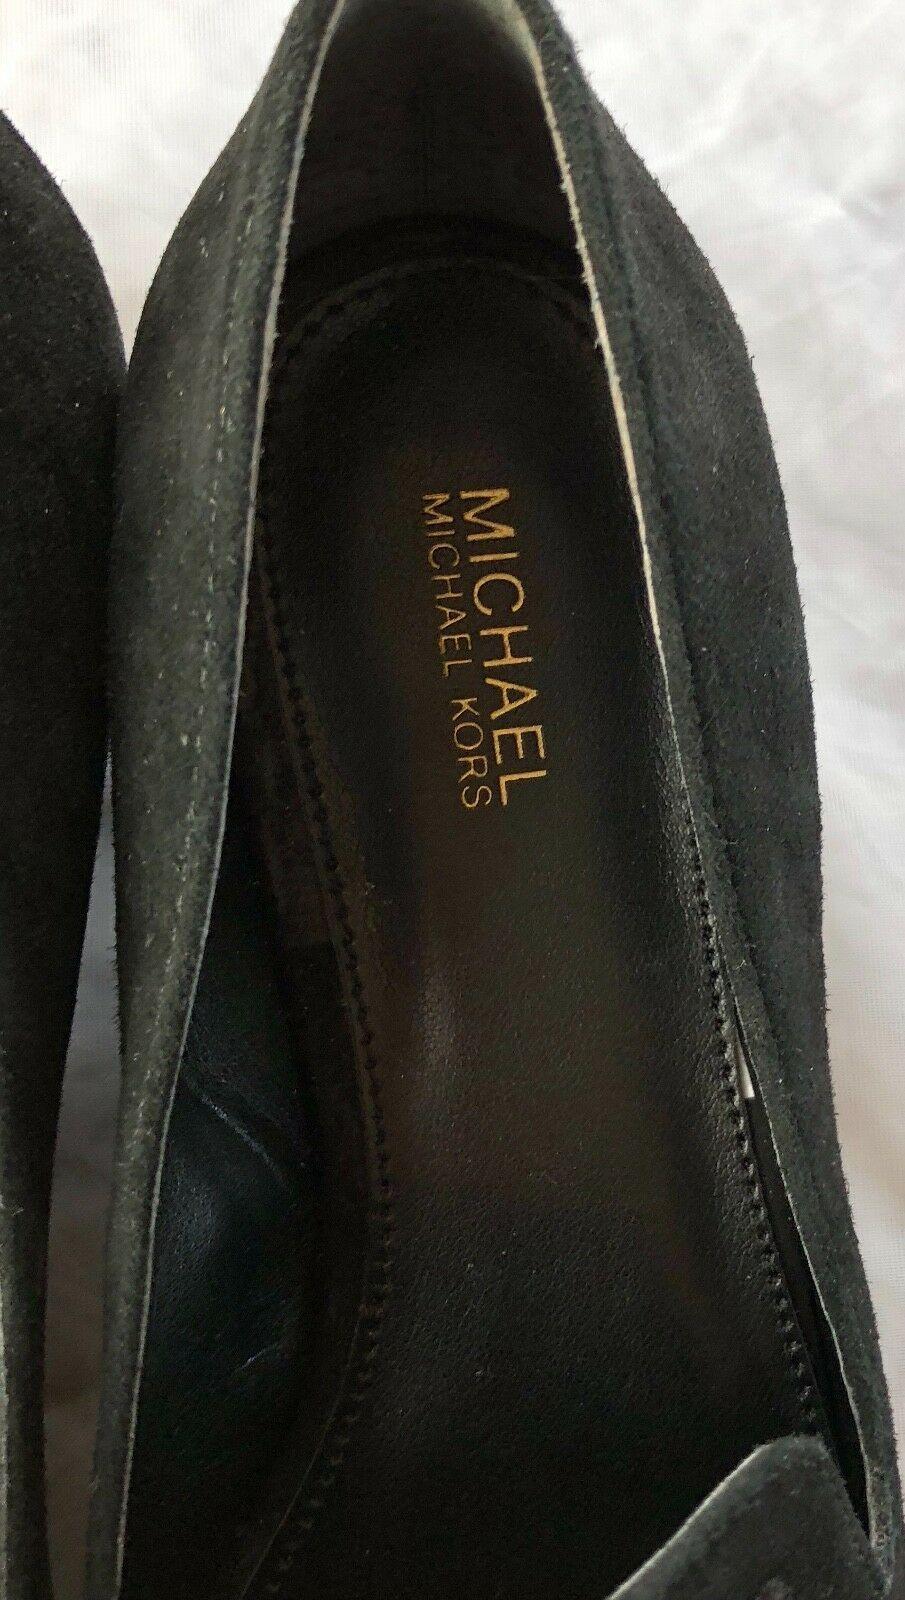 Michael Kors Femmes Chaussures Noir en Cuir Caoutchouc Semelle Broderie Size 6.5 image 8